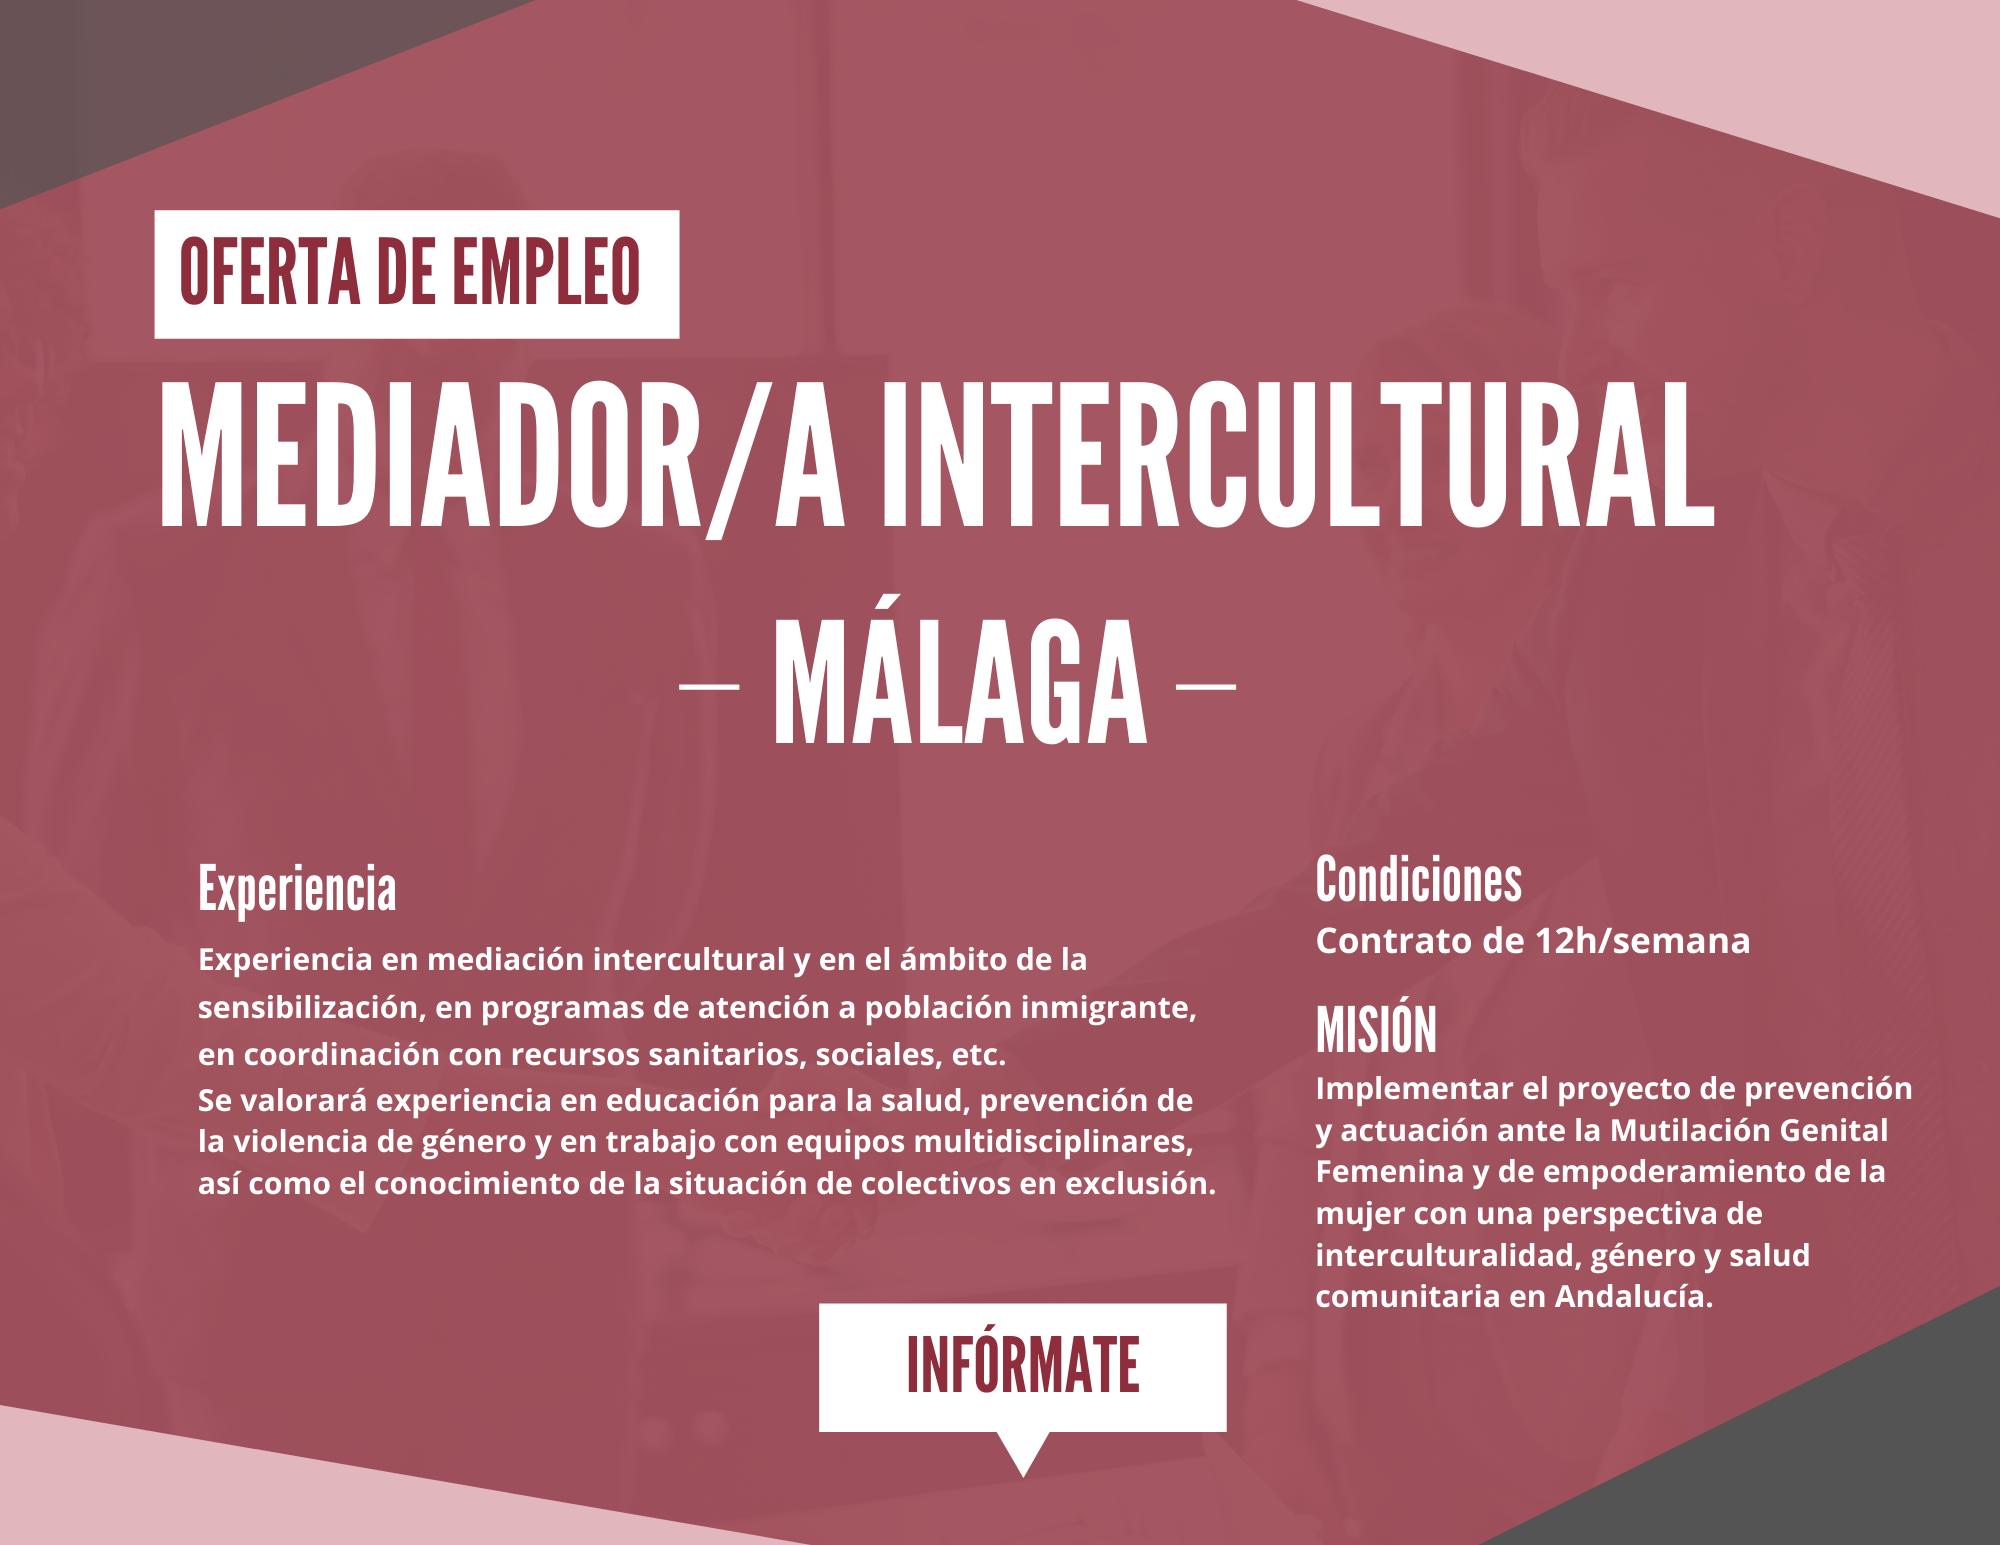 Mediador Intercultural Oferta De Empleo Malaga